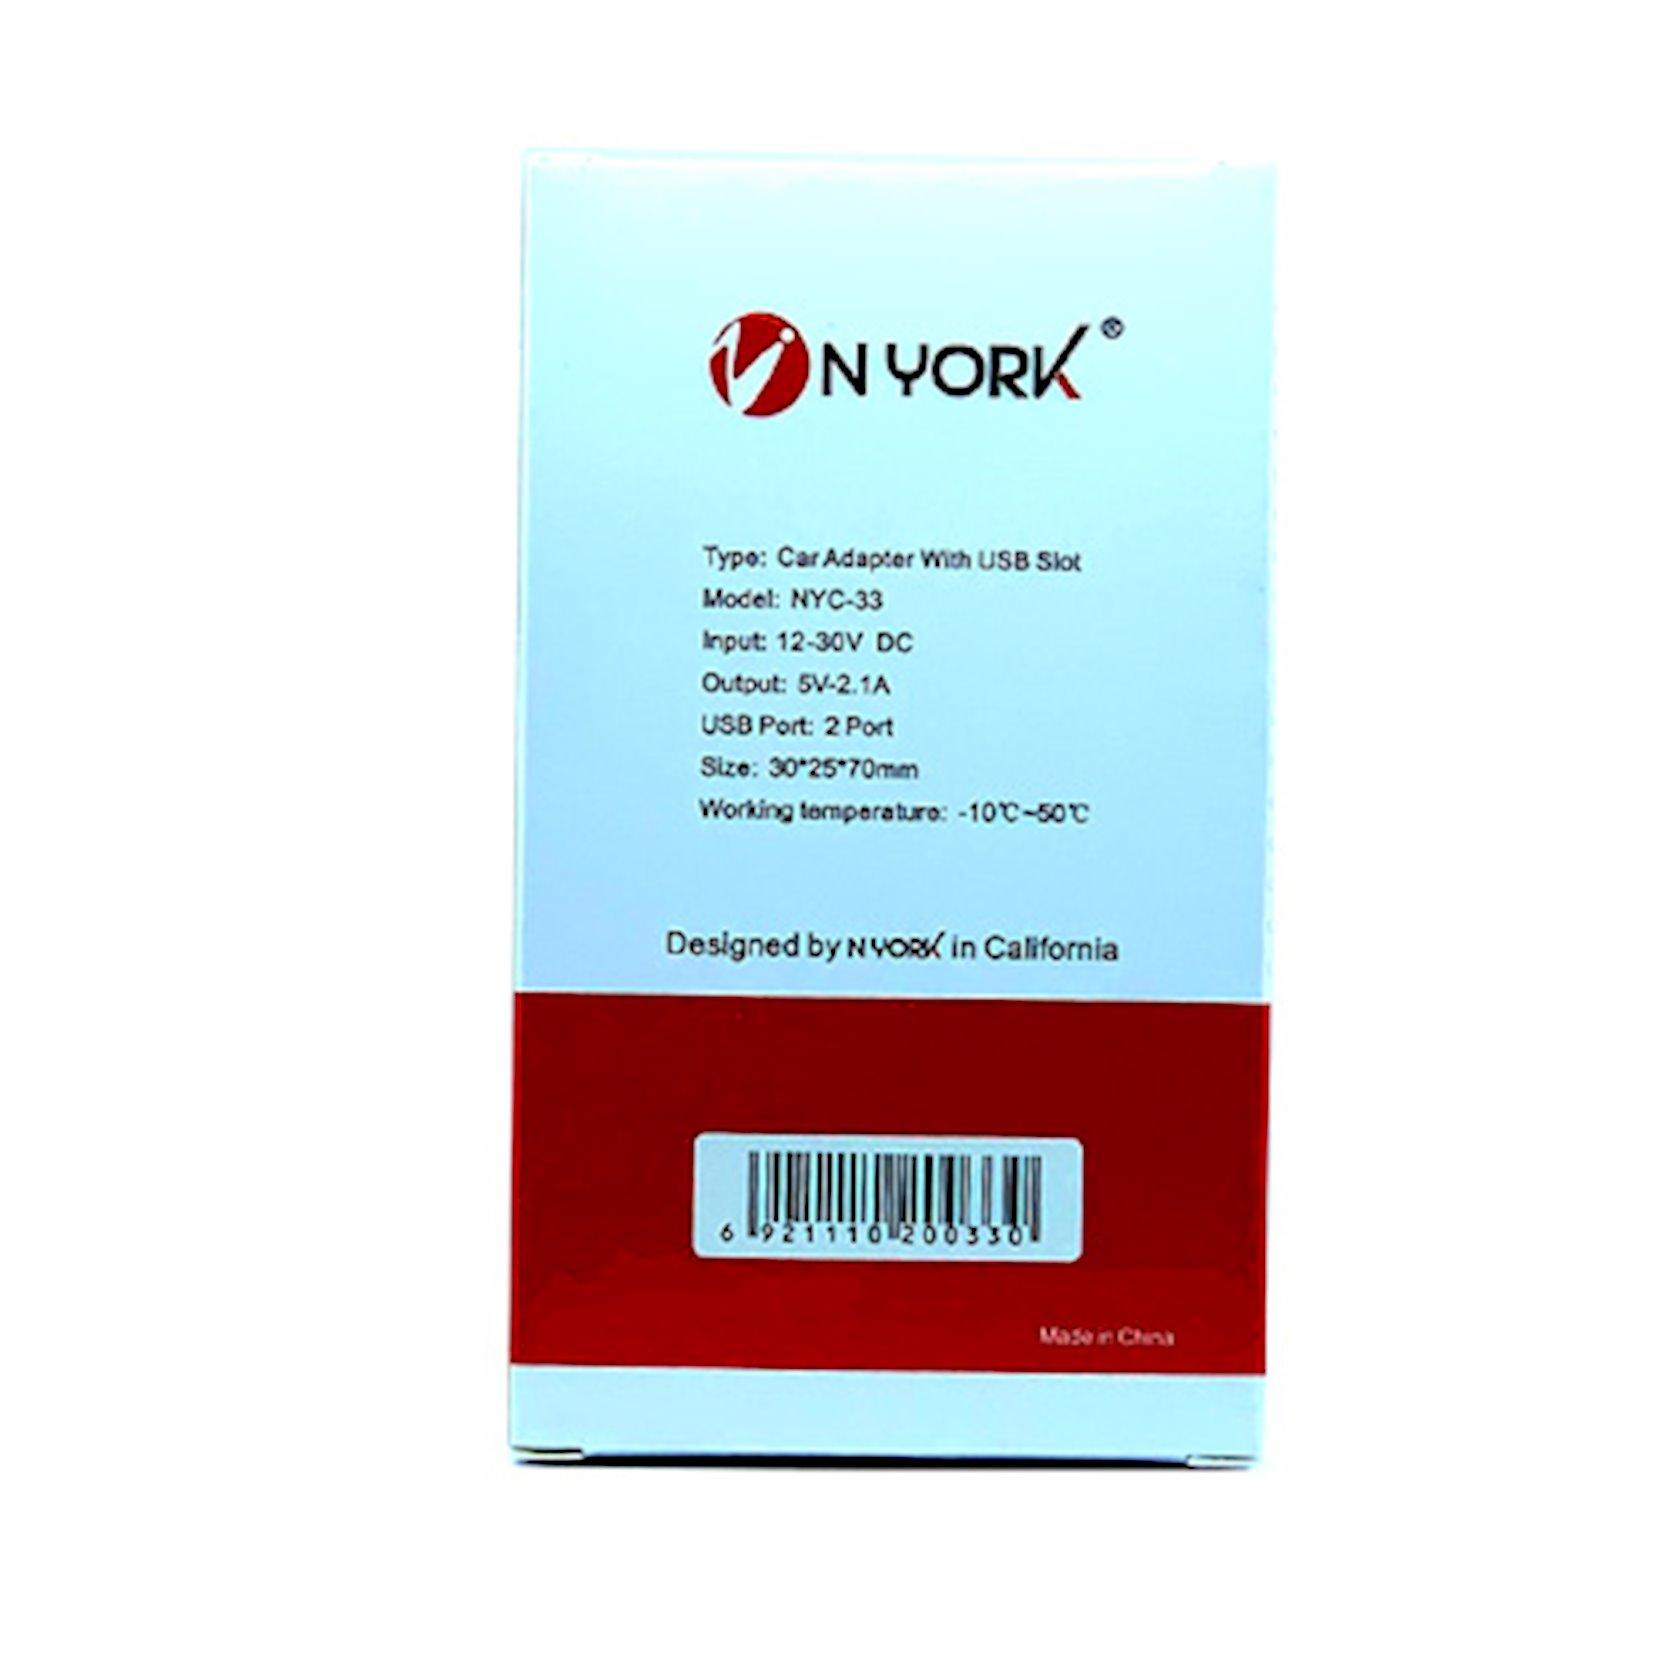 Enerji toplama cihazı avtomobil üçün  Nyork NYC-33 iPhone